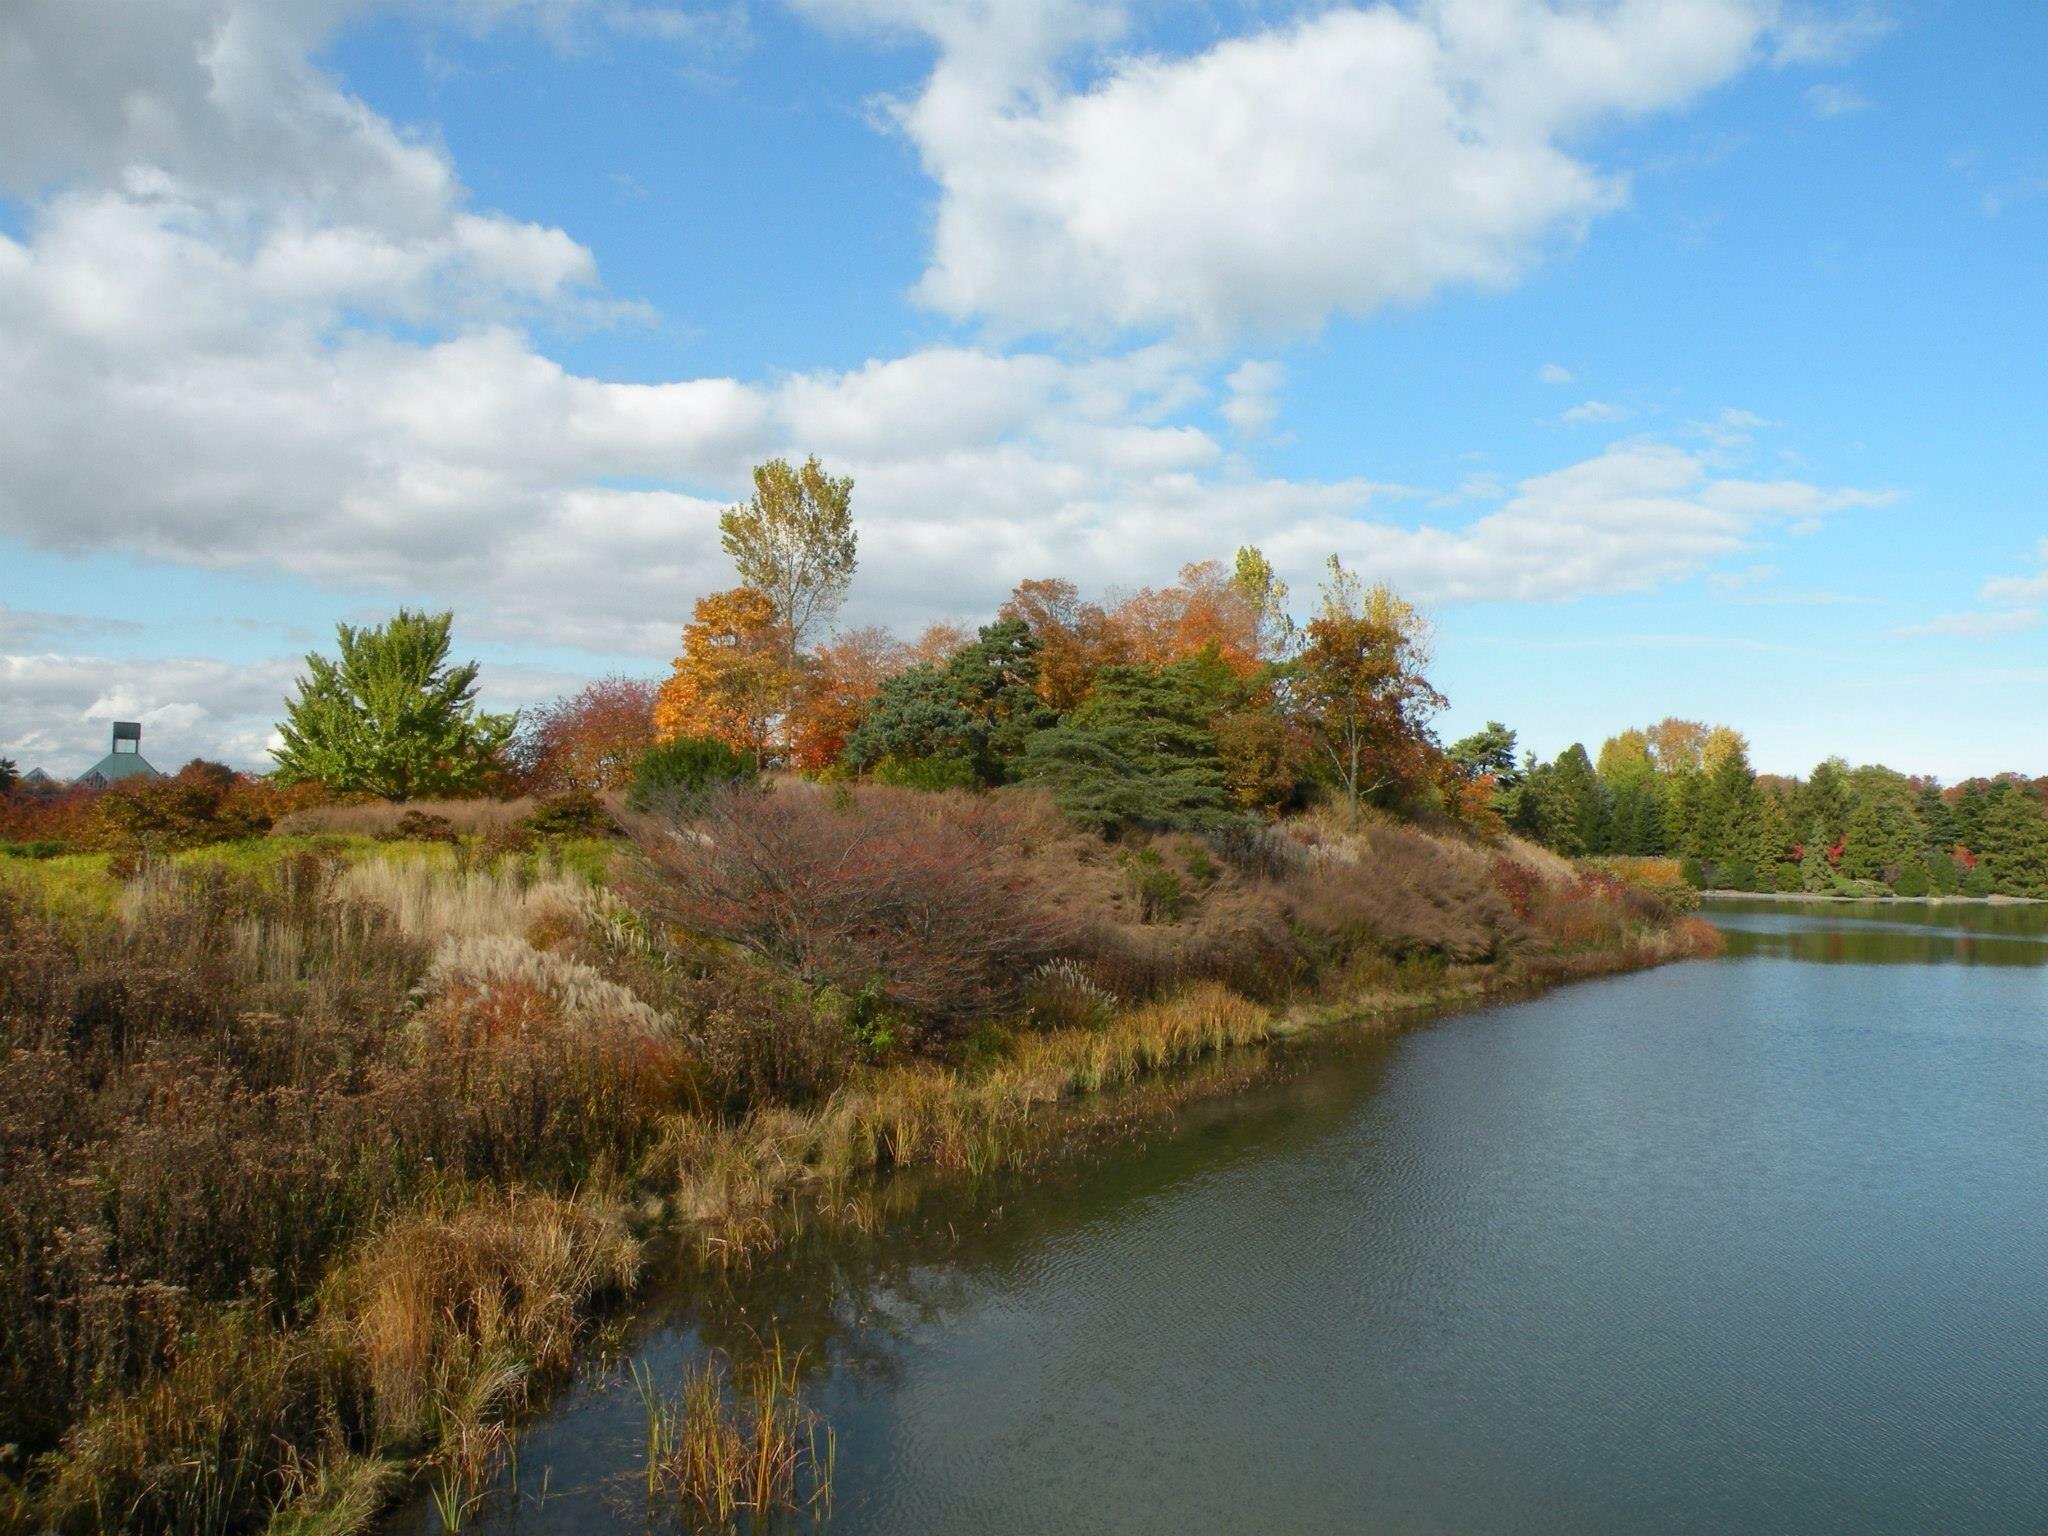 Chicago botaniske hage, Highland Park, Illinois, USA